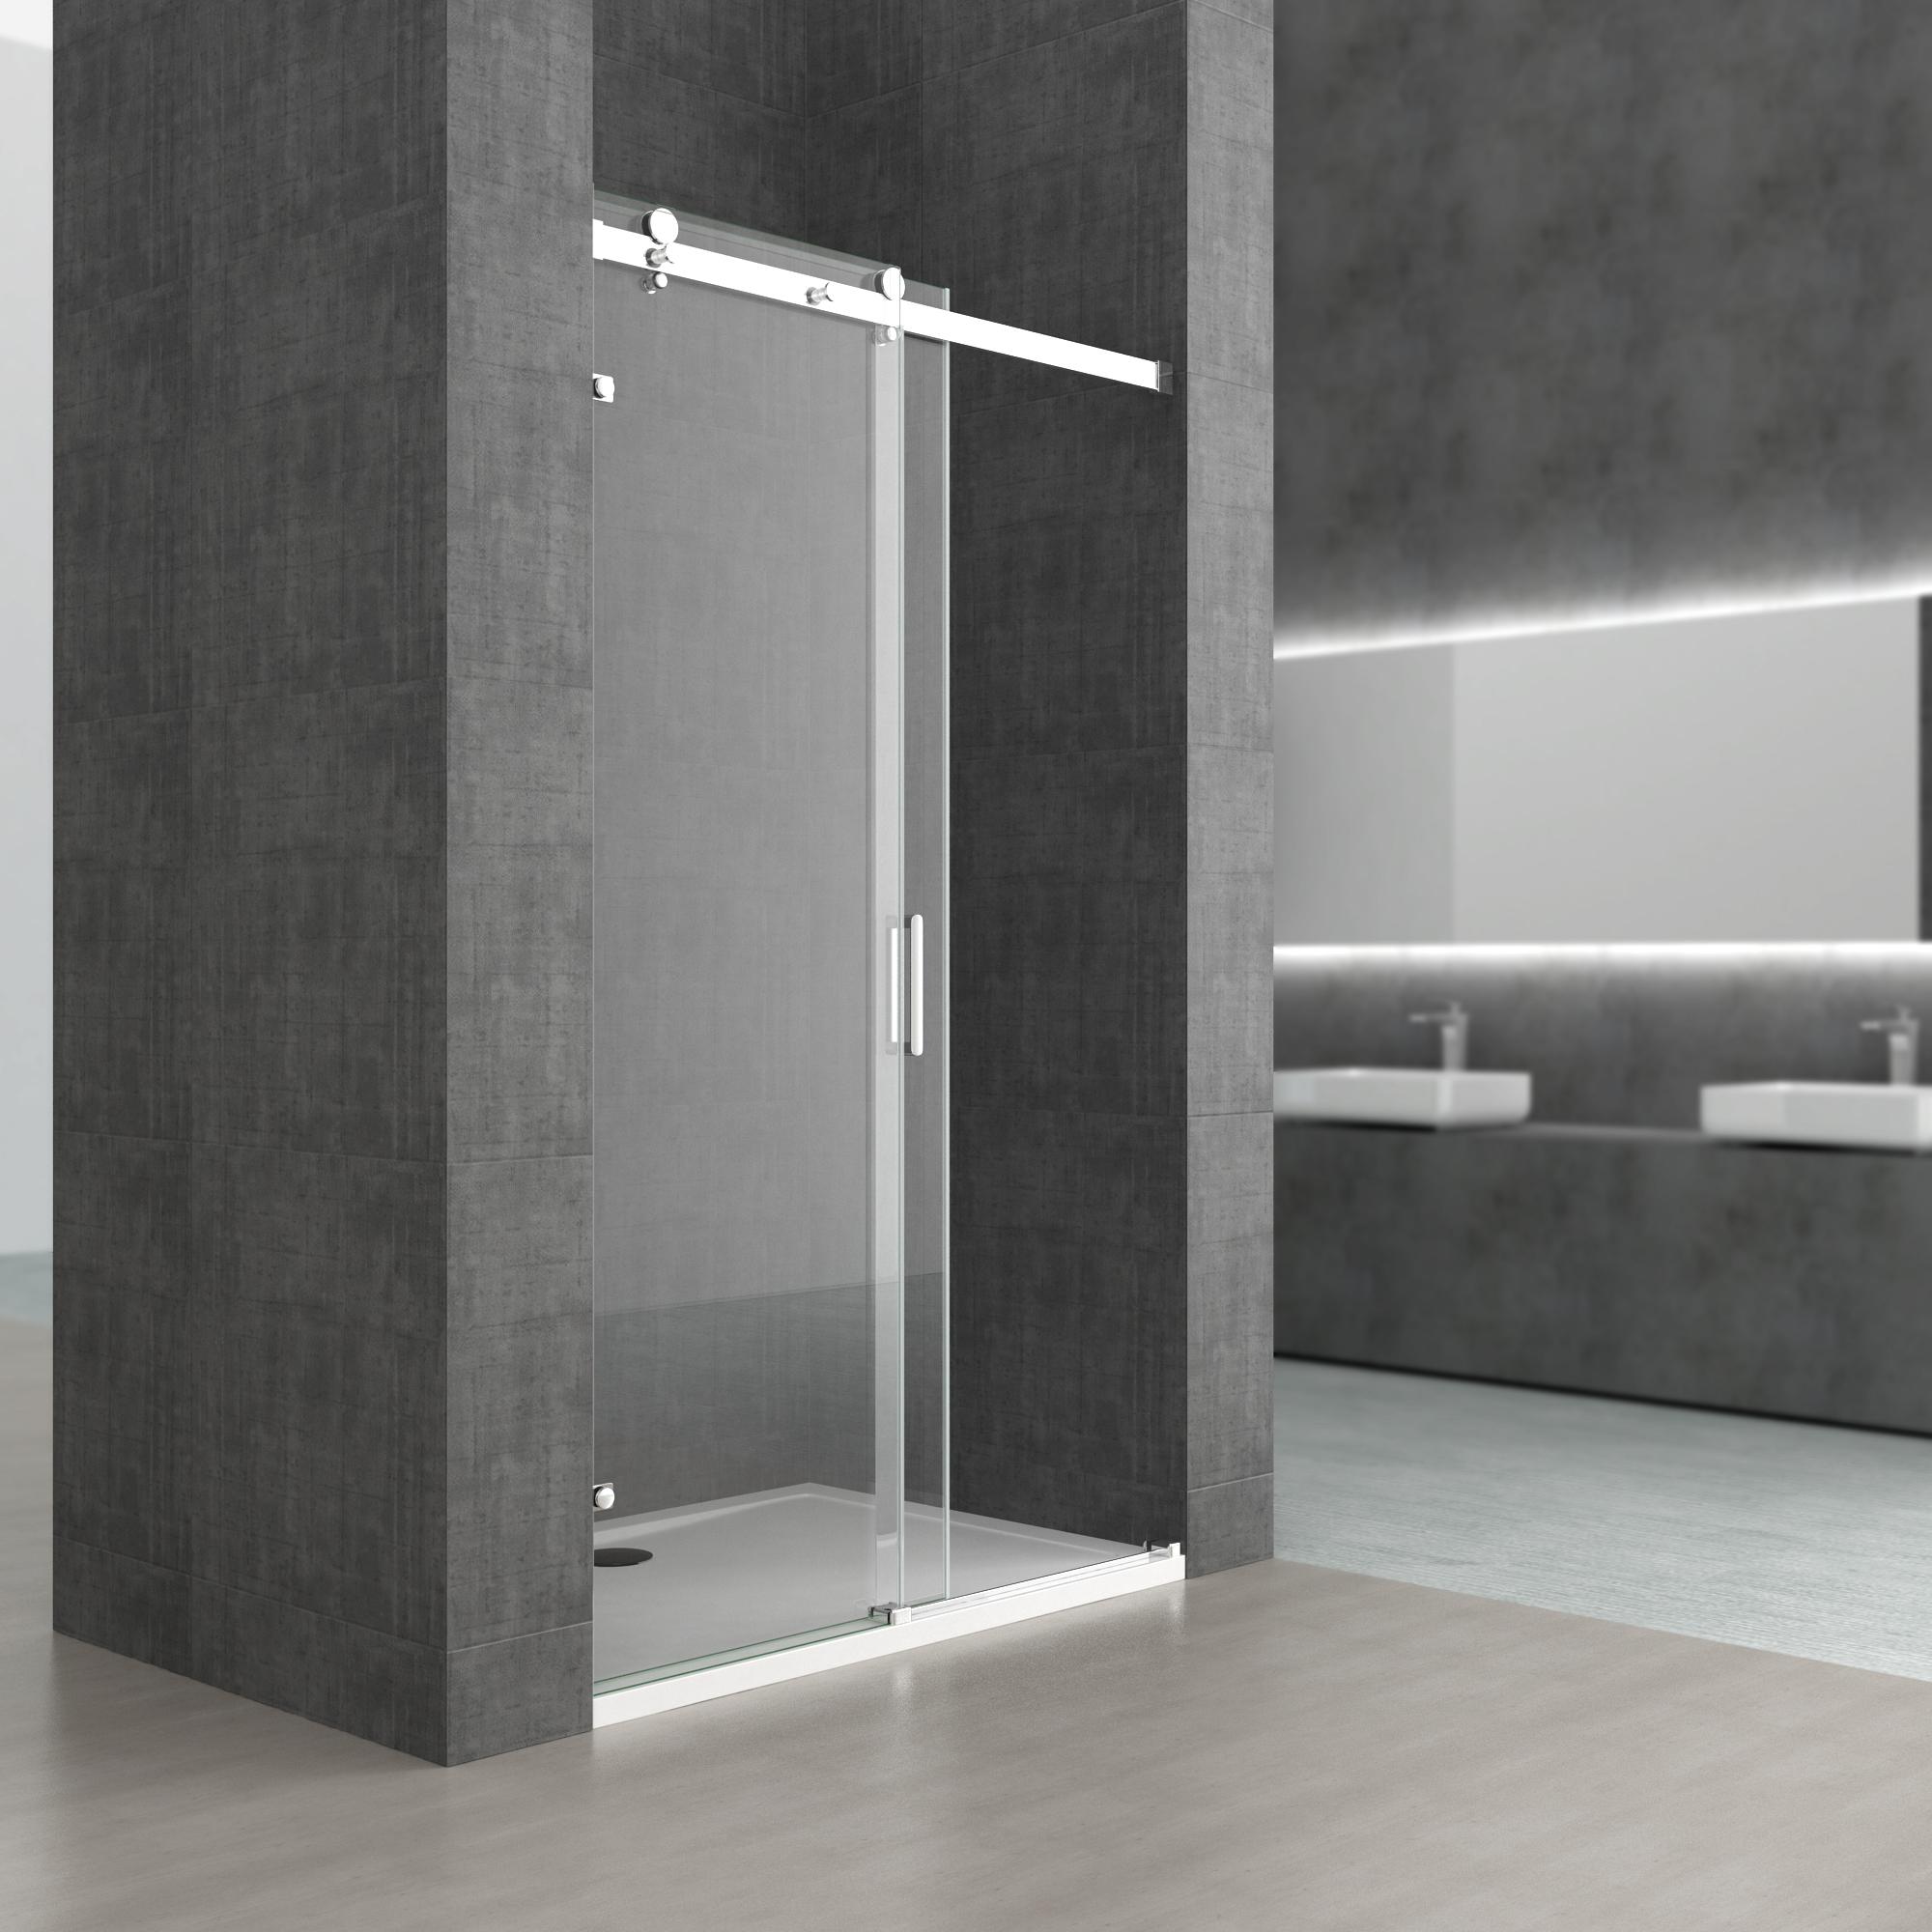 Full Size of Mischbatterie Dusche 90x90 Fliesen Für Badewanne Raindance Moderne Duschen Ebenerdige Kosten Wand Nischentür Kaufen Glastrennwand Komplett Set Dusche Nischentür Dusche